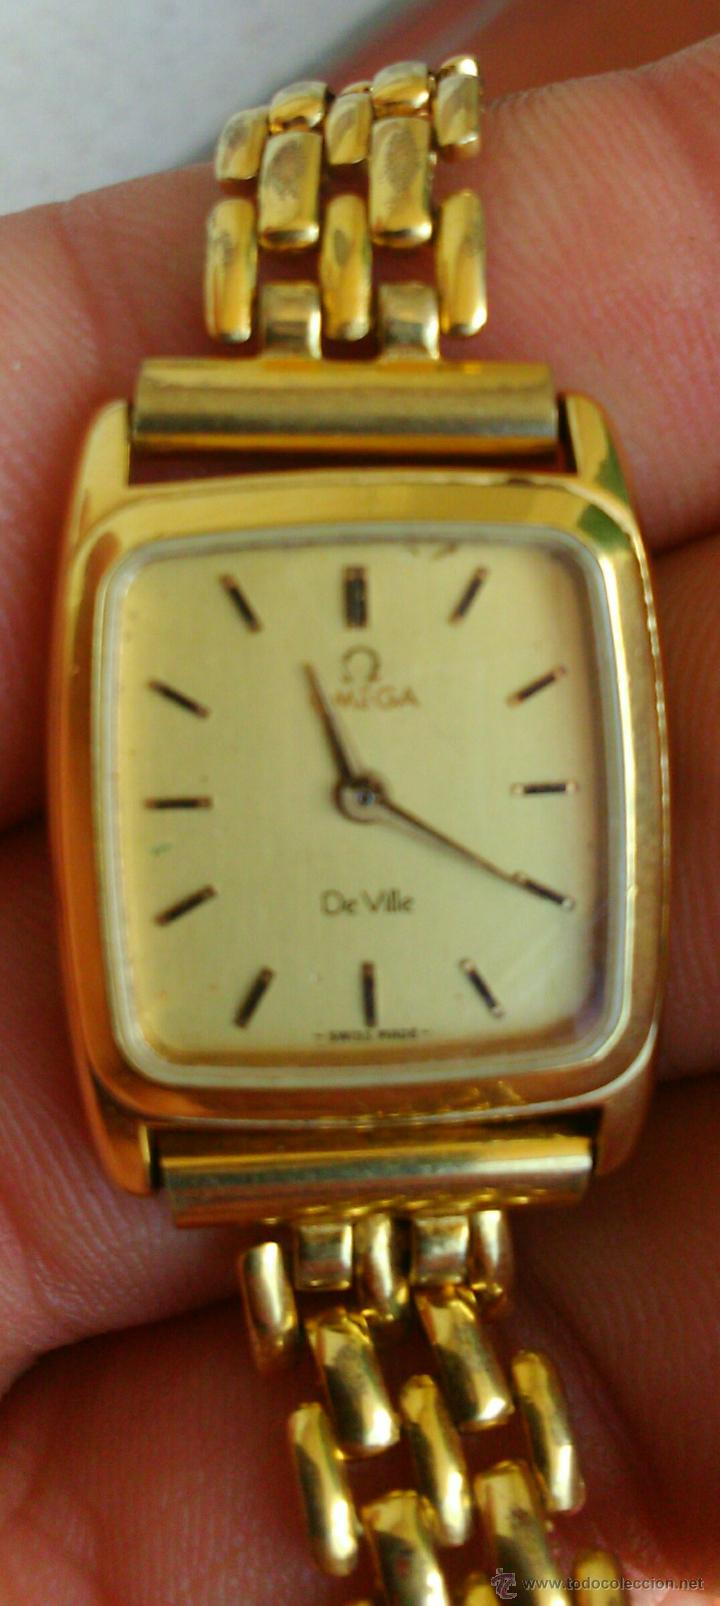 Relojes - Omega: OMEGA DE VILLE ORIGINAL - RELOJ PULSERA VINTAGE DE MUJER - BAÑO DE ORO - REPARAR O PARA PIEZAS - Foto 2 - 57588364